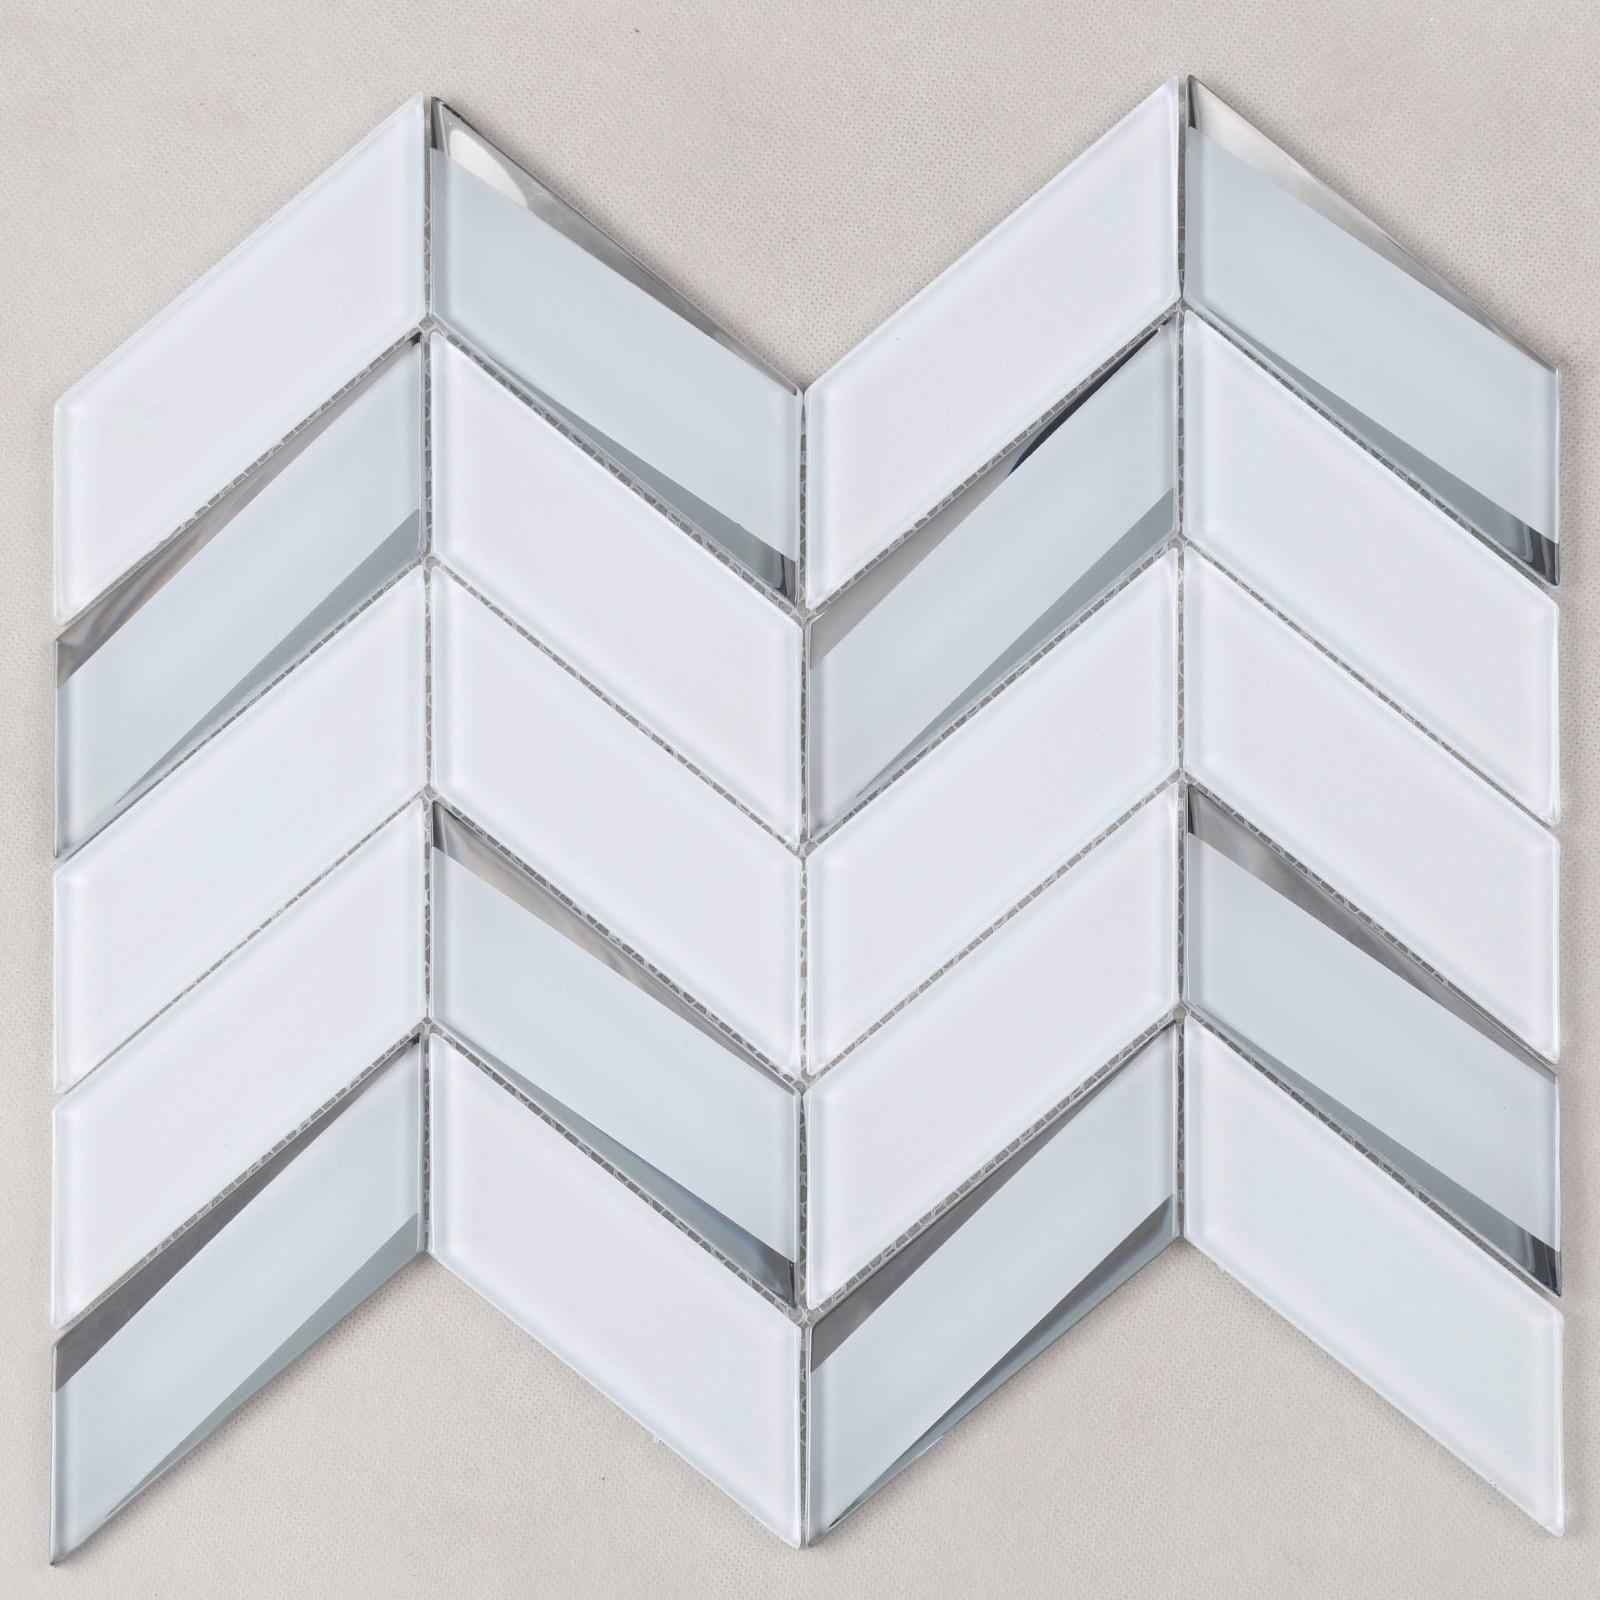 Heng Xing-Oem Inkjet Tile Manufacturer, Glass Metal Backsplash | Heng Xing